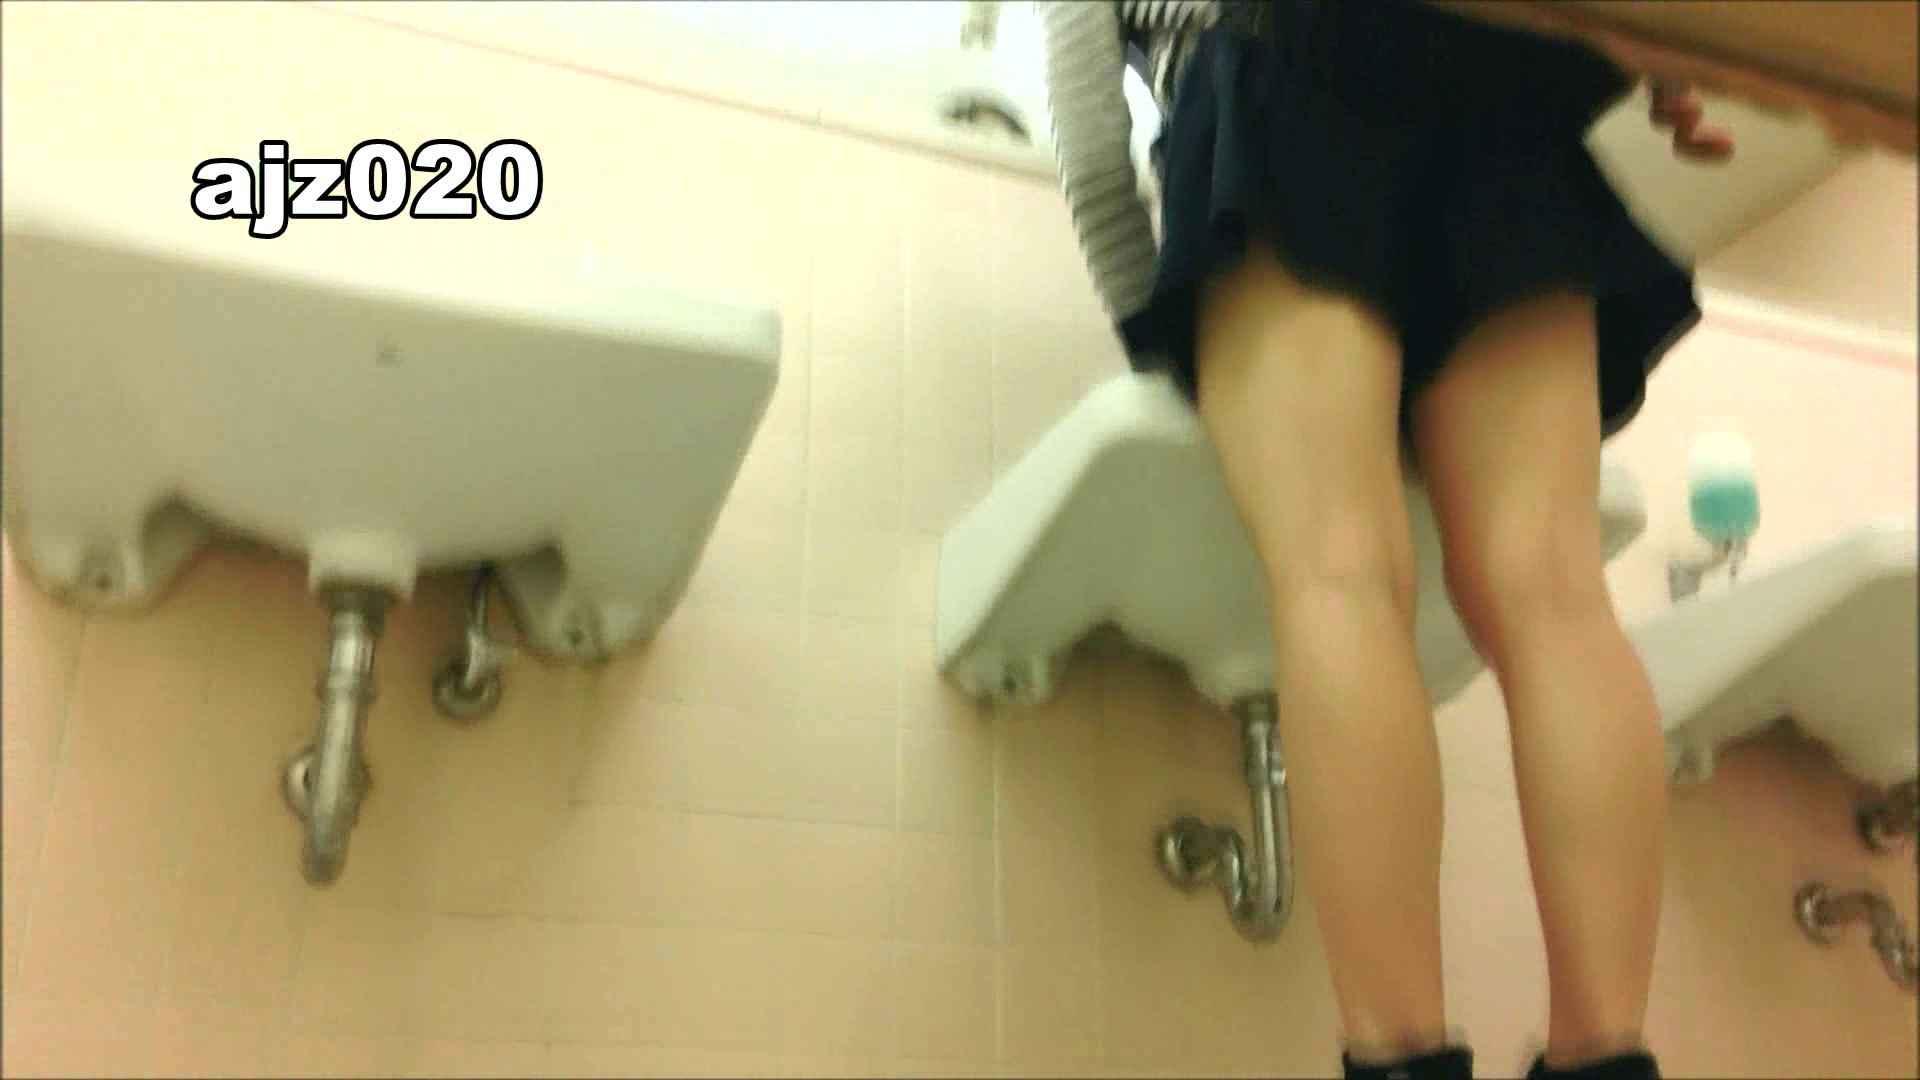 某有名大学女性洗面所 vol.20 洗面所  67Pix 41